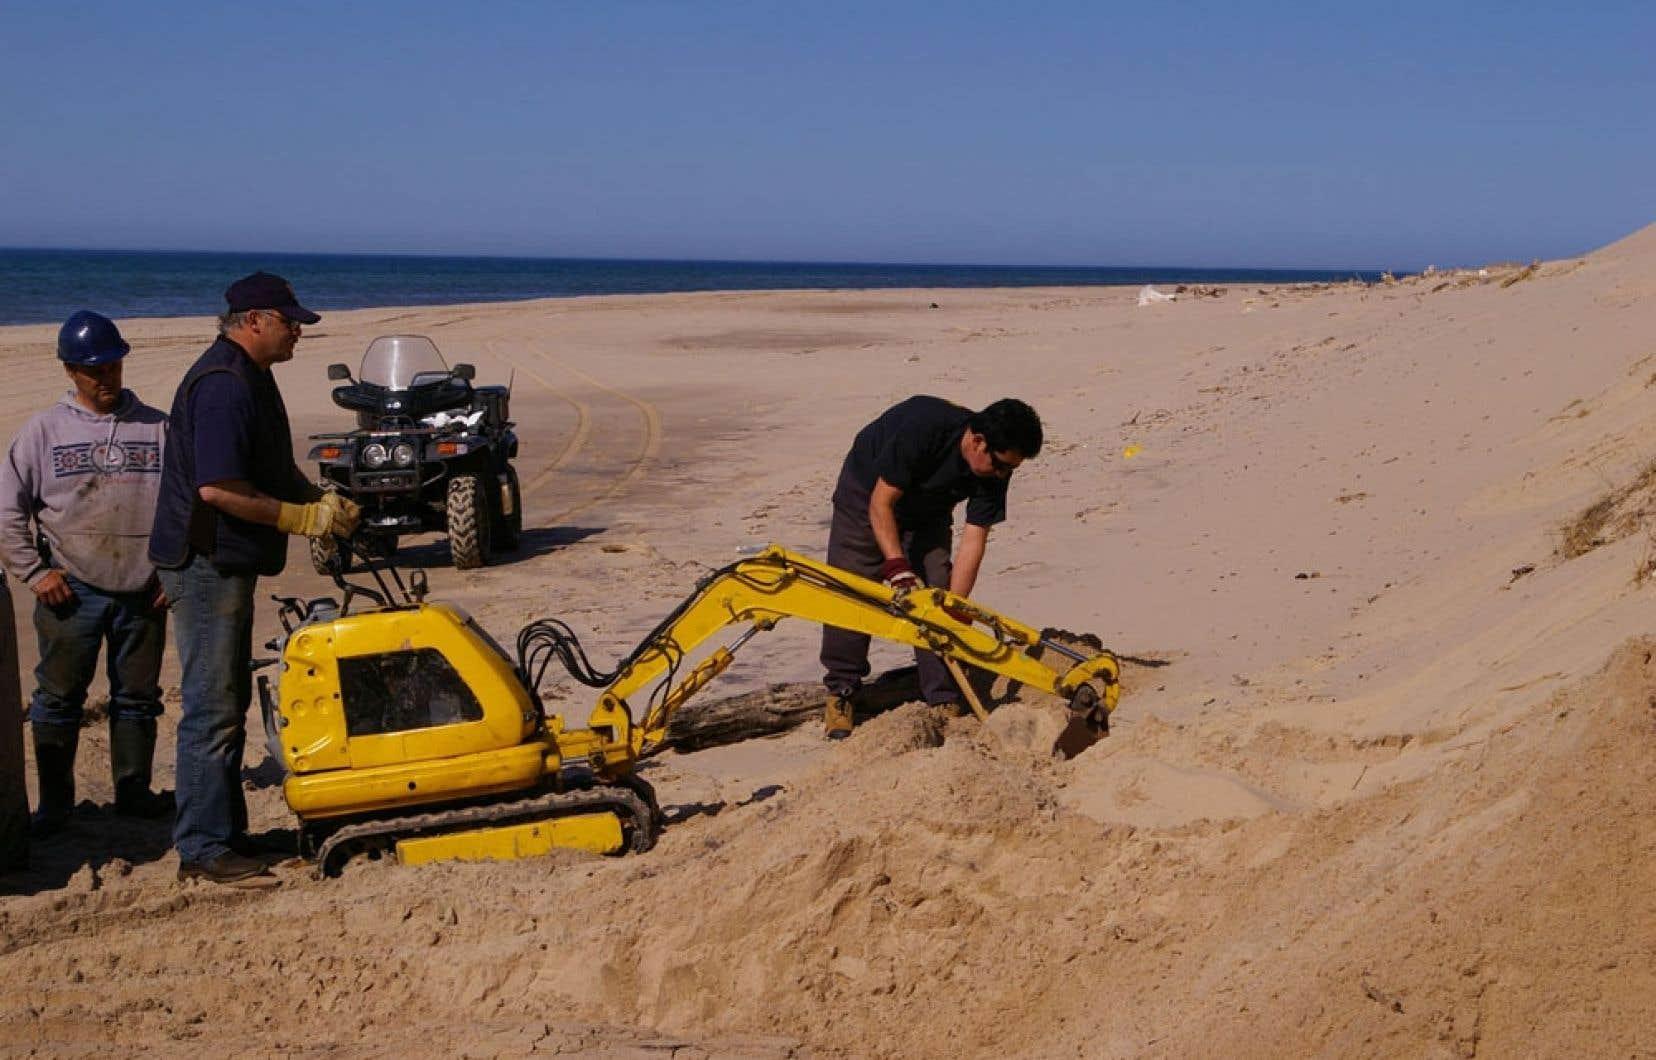 Des travaux d'extraction de sacs remplis de mazout ont été menés par la Garde côtière canadienne. Ces travaux s'effectuent à l'aide de machinerie, mais aussi manuellement.